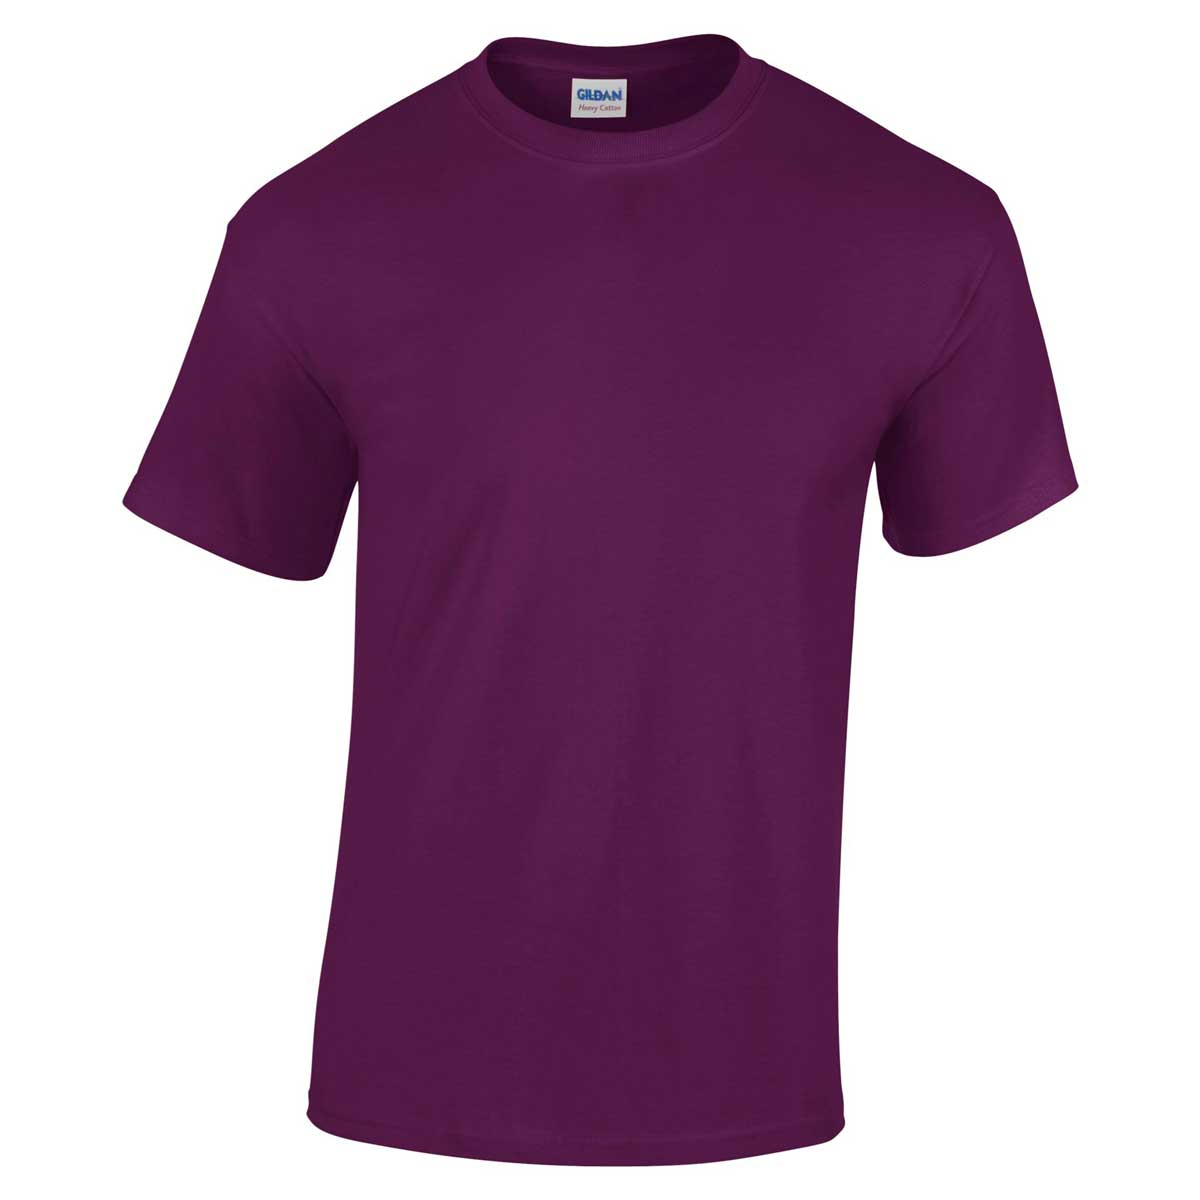 01_gd05b_2_violet--0-0--bae80263-70fe-4cdb-adde-dffece943b30